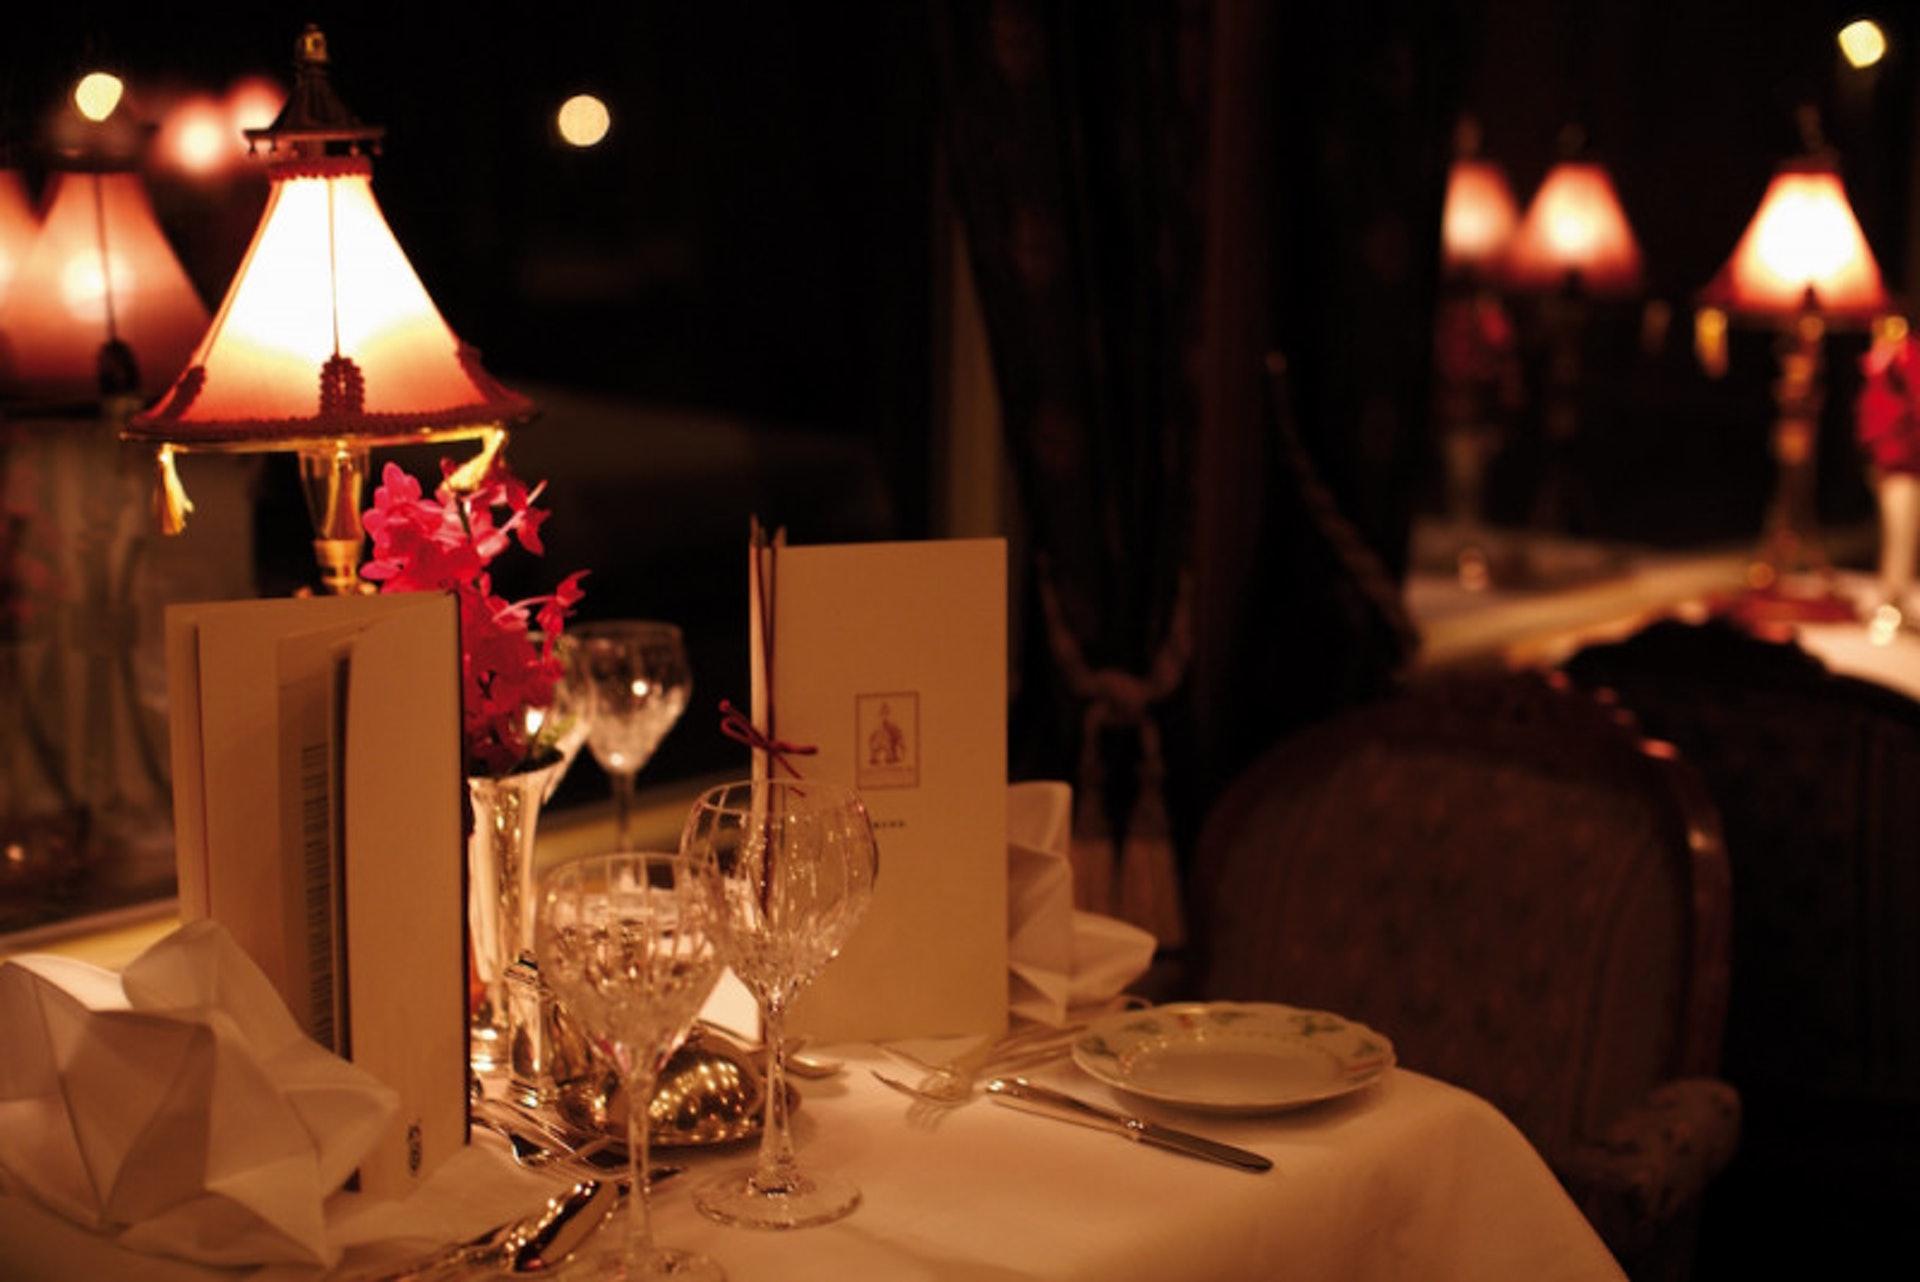 火車上白天服裝一般建議以Smart Casual,晚上用餐需要穿著正式服裝,以晚宴的方式進行(世界高級品提供)